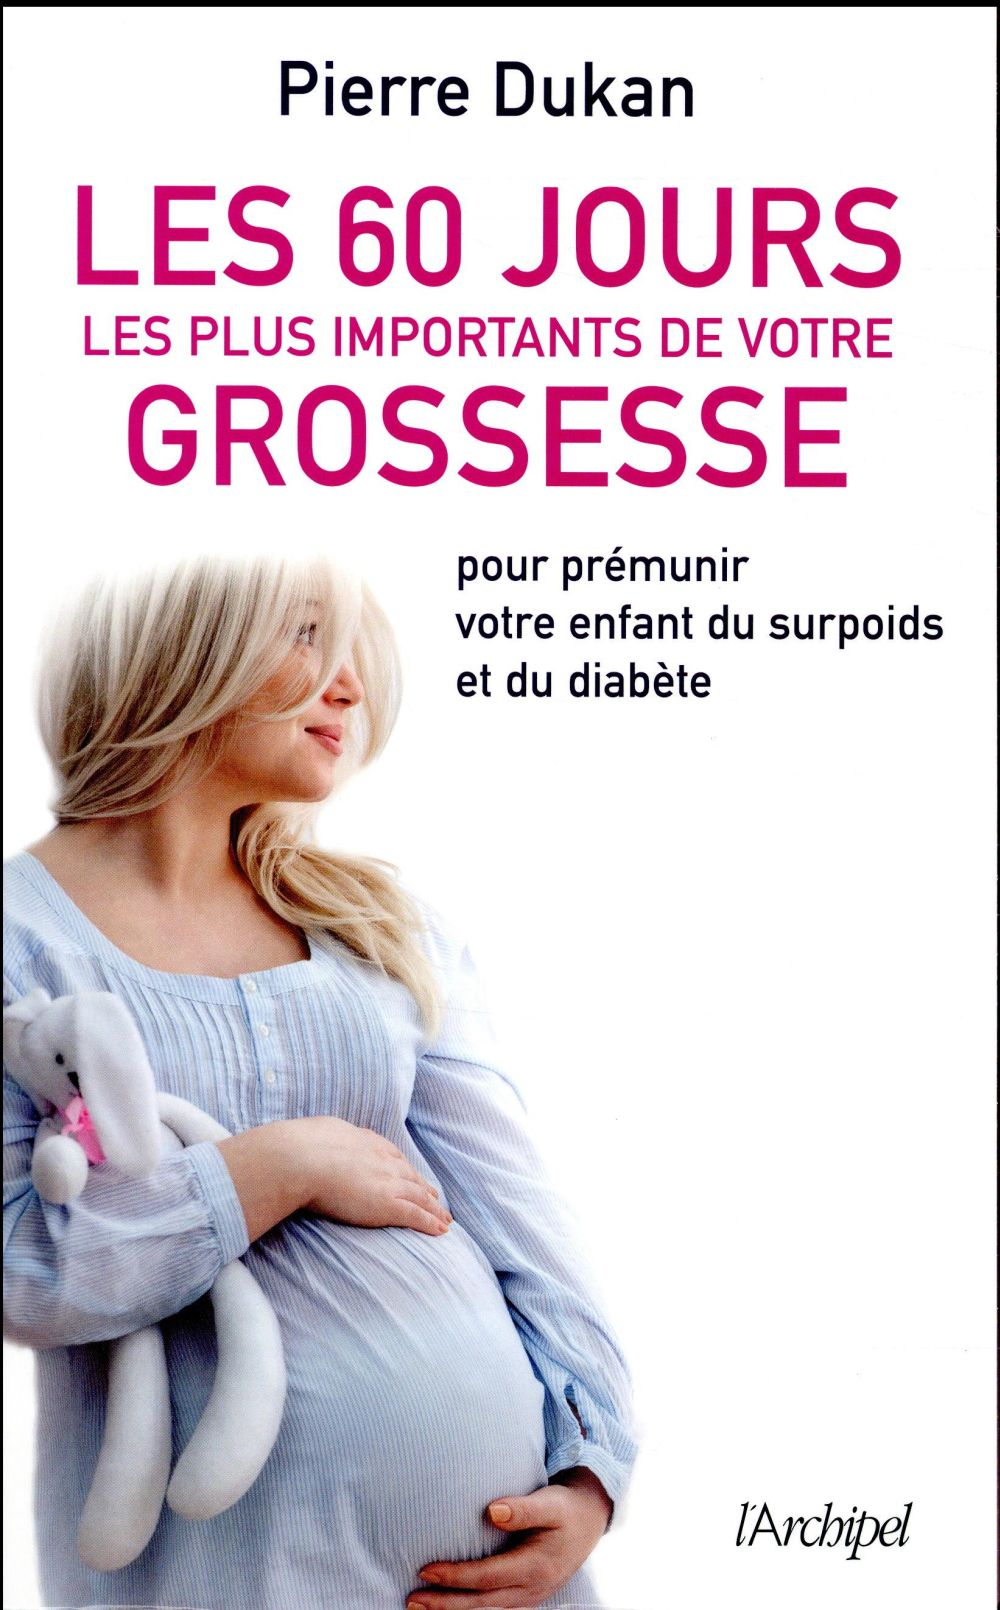 Les 60 jours les plus importants de votre grossesse ; pour prémunir votre enfant du surpoids et du diabète